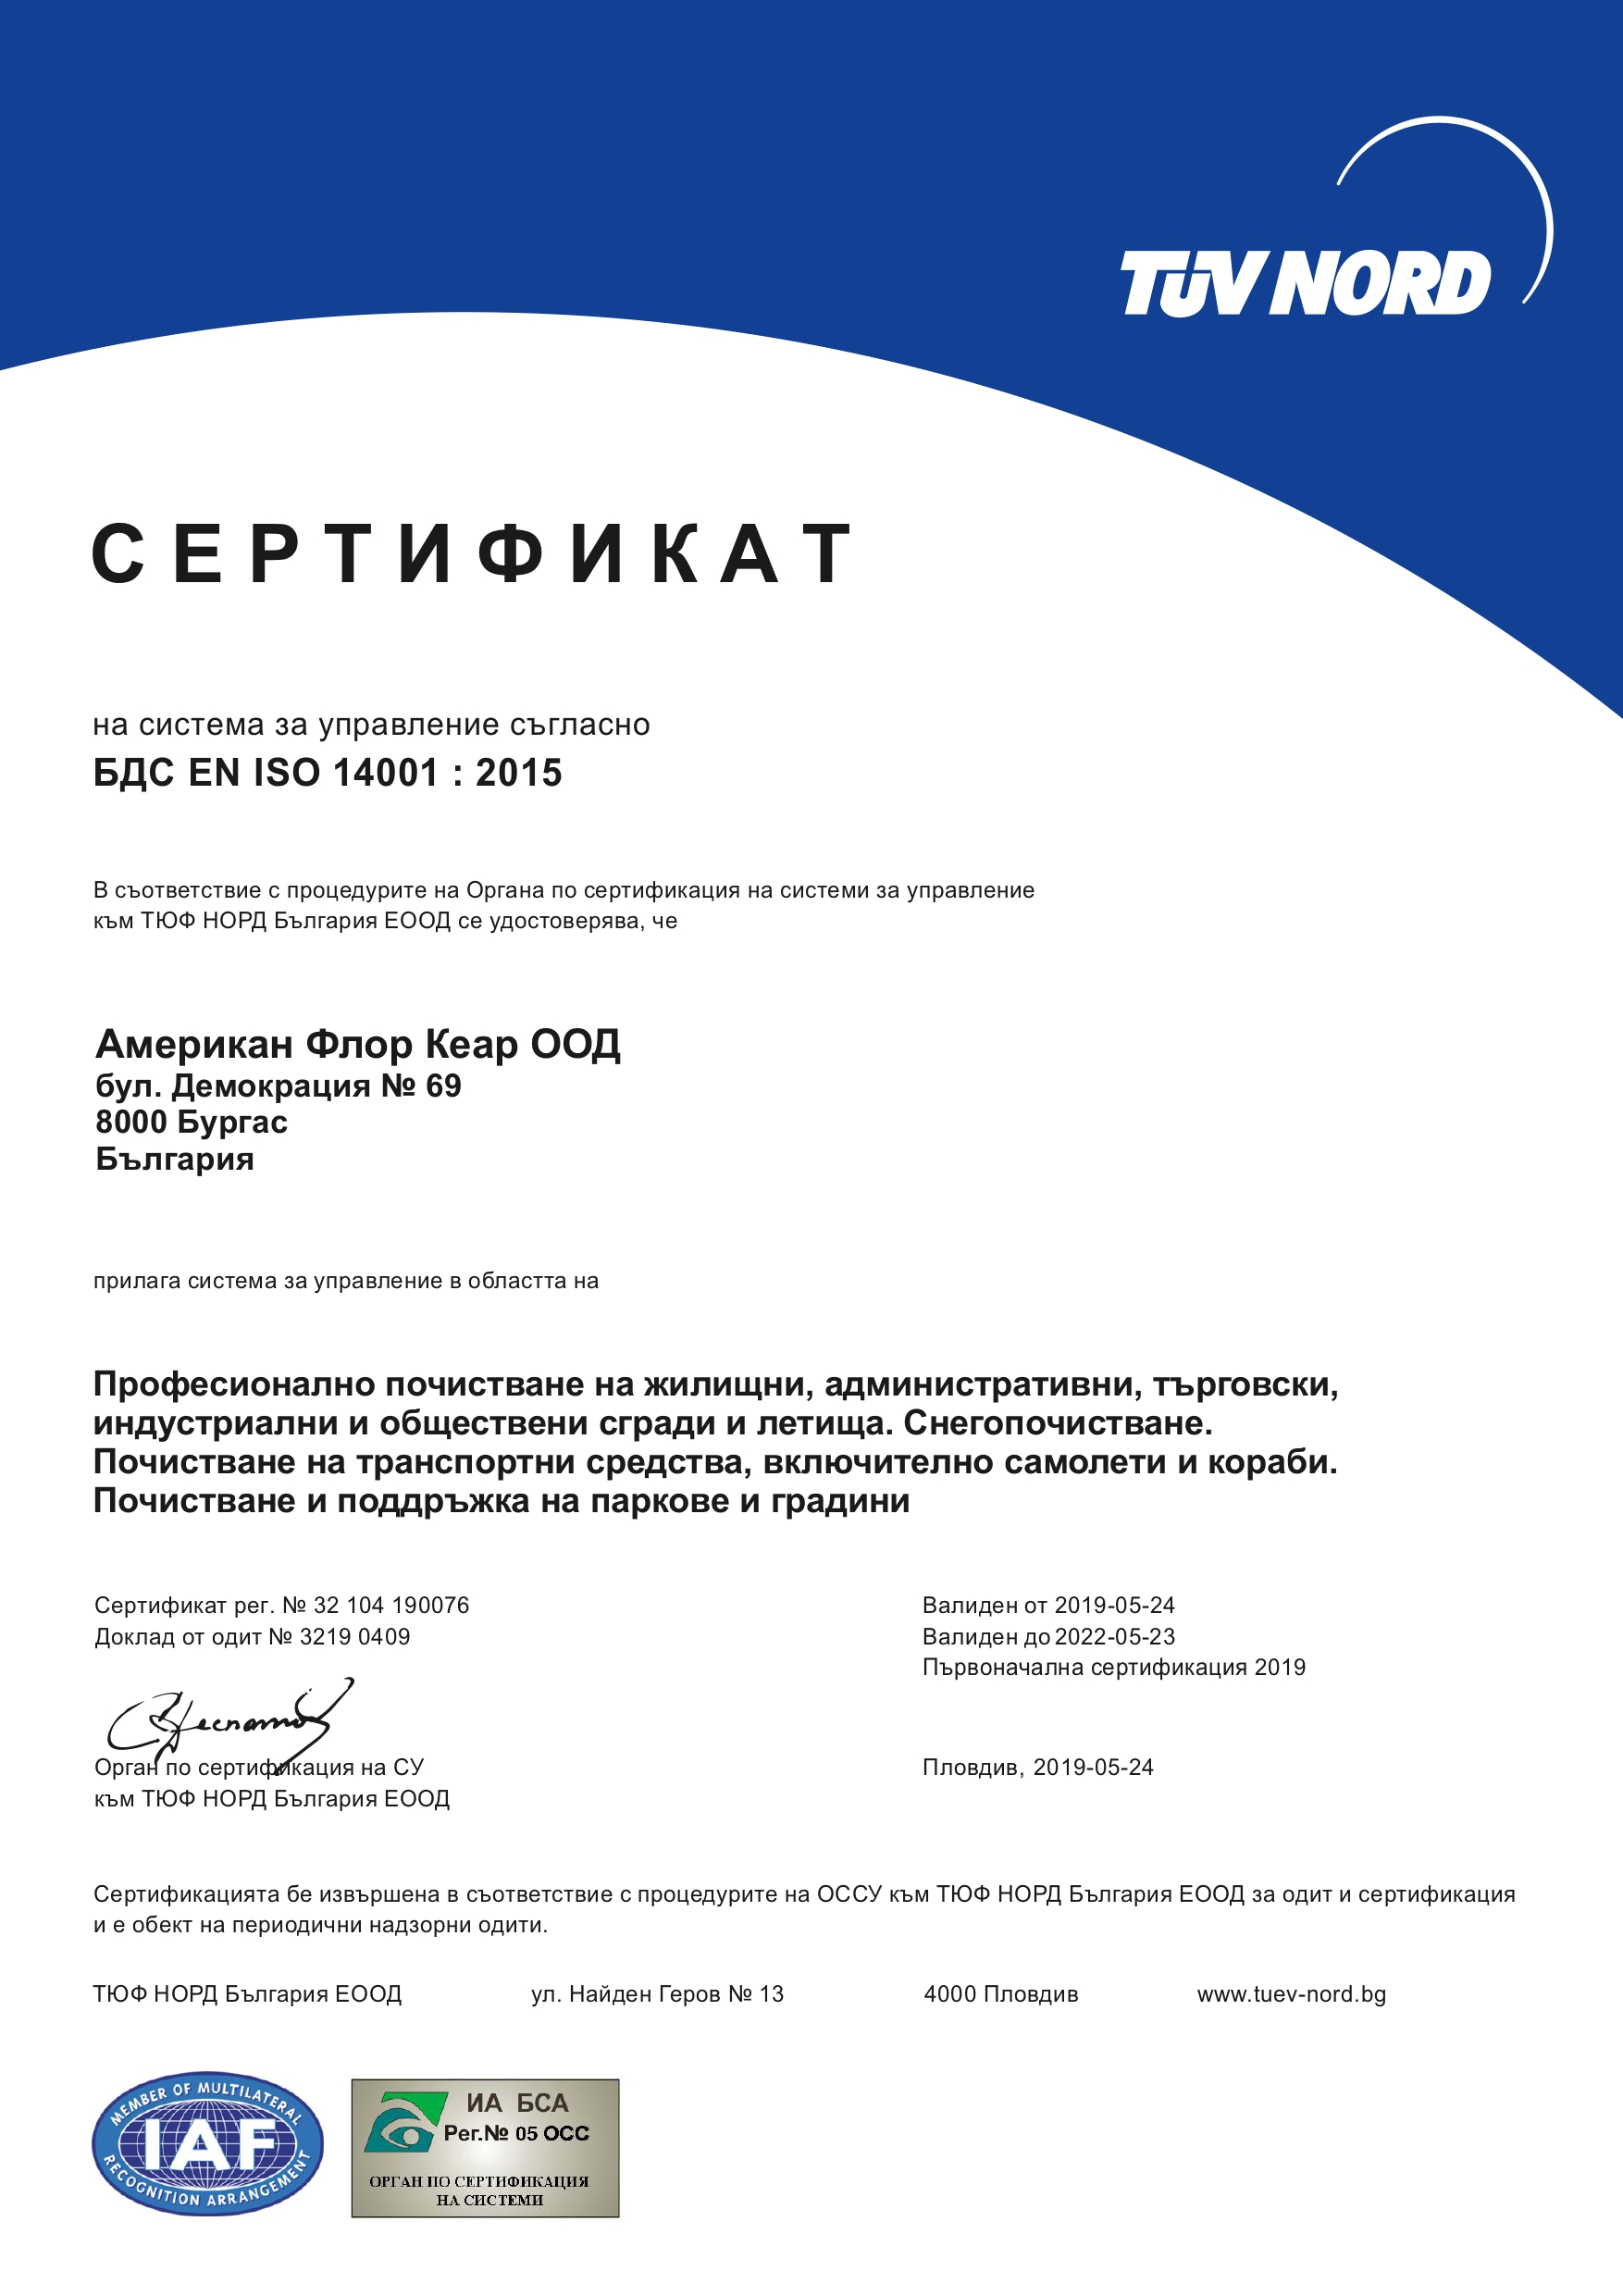 BSA1-190076-Amerikan Floor Care-bg-UM-new (1)_page-0001